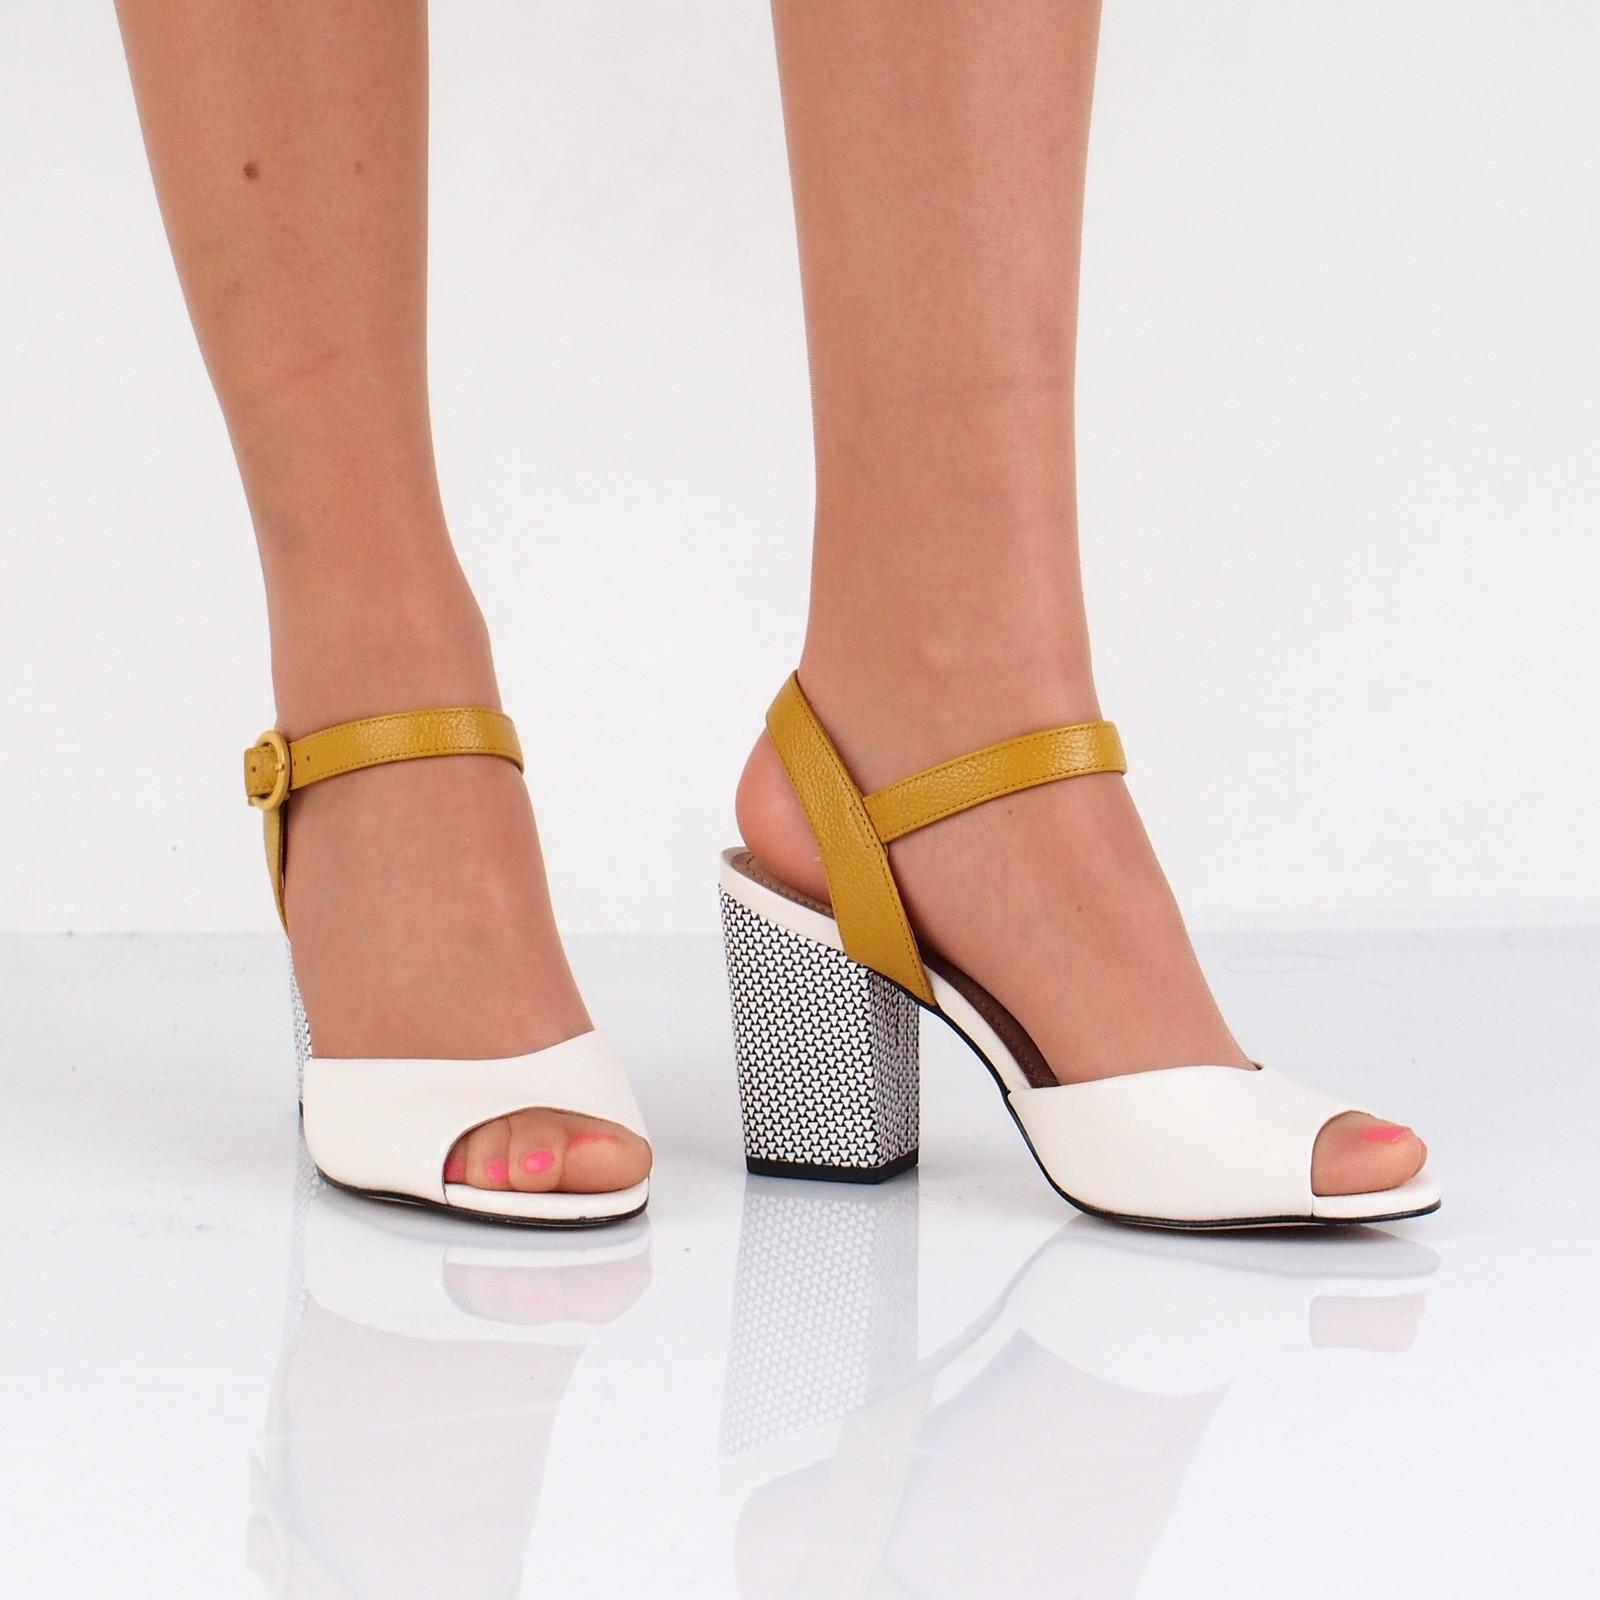 a320c35cefe3 Olivia shoes dámske štýlové sandále s remienkom - béžové ...